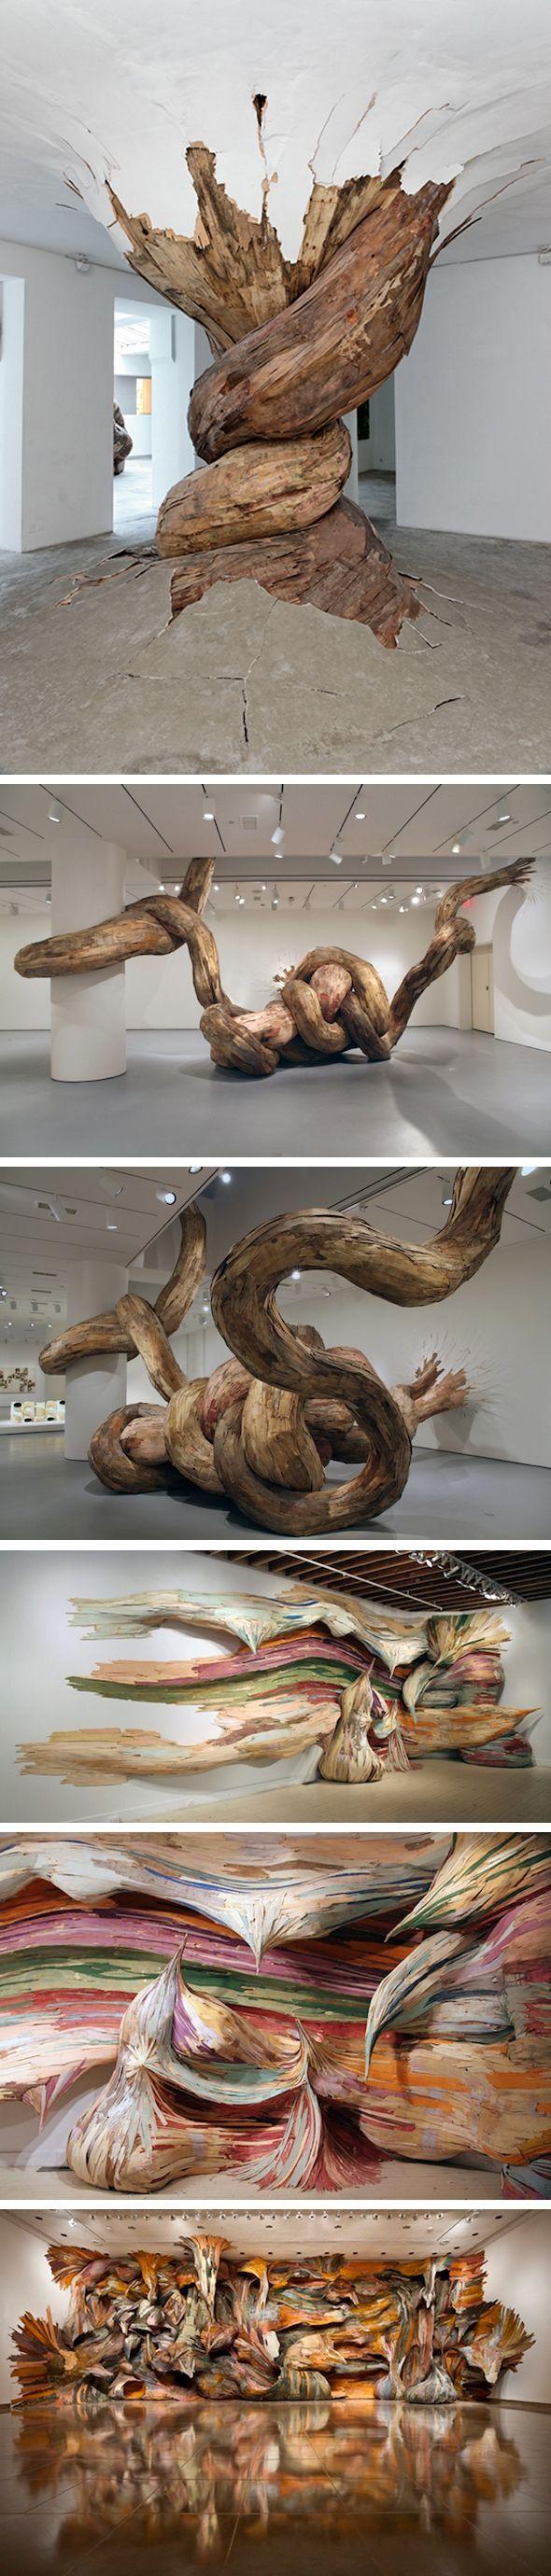 SCULPTURE : Henrique Oliveira. Ces torsions d'arbres semblent perturber la fondation même d'une galerie, chaque installation est unique, Henrique se basant sur les murs et infrastructures du lieu où il expose. A VOIR !!!!!